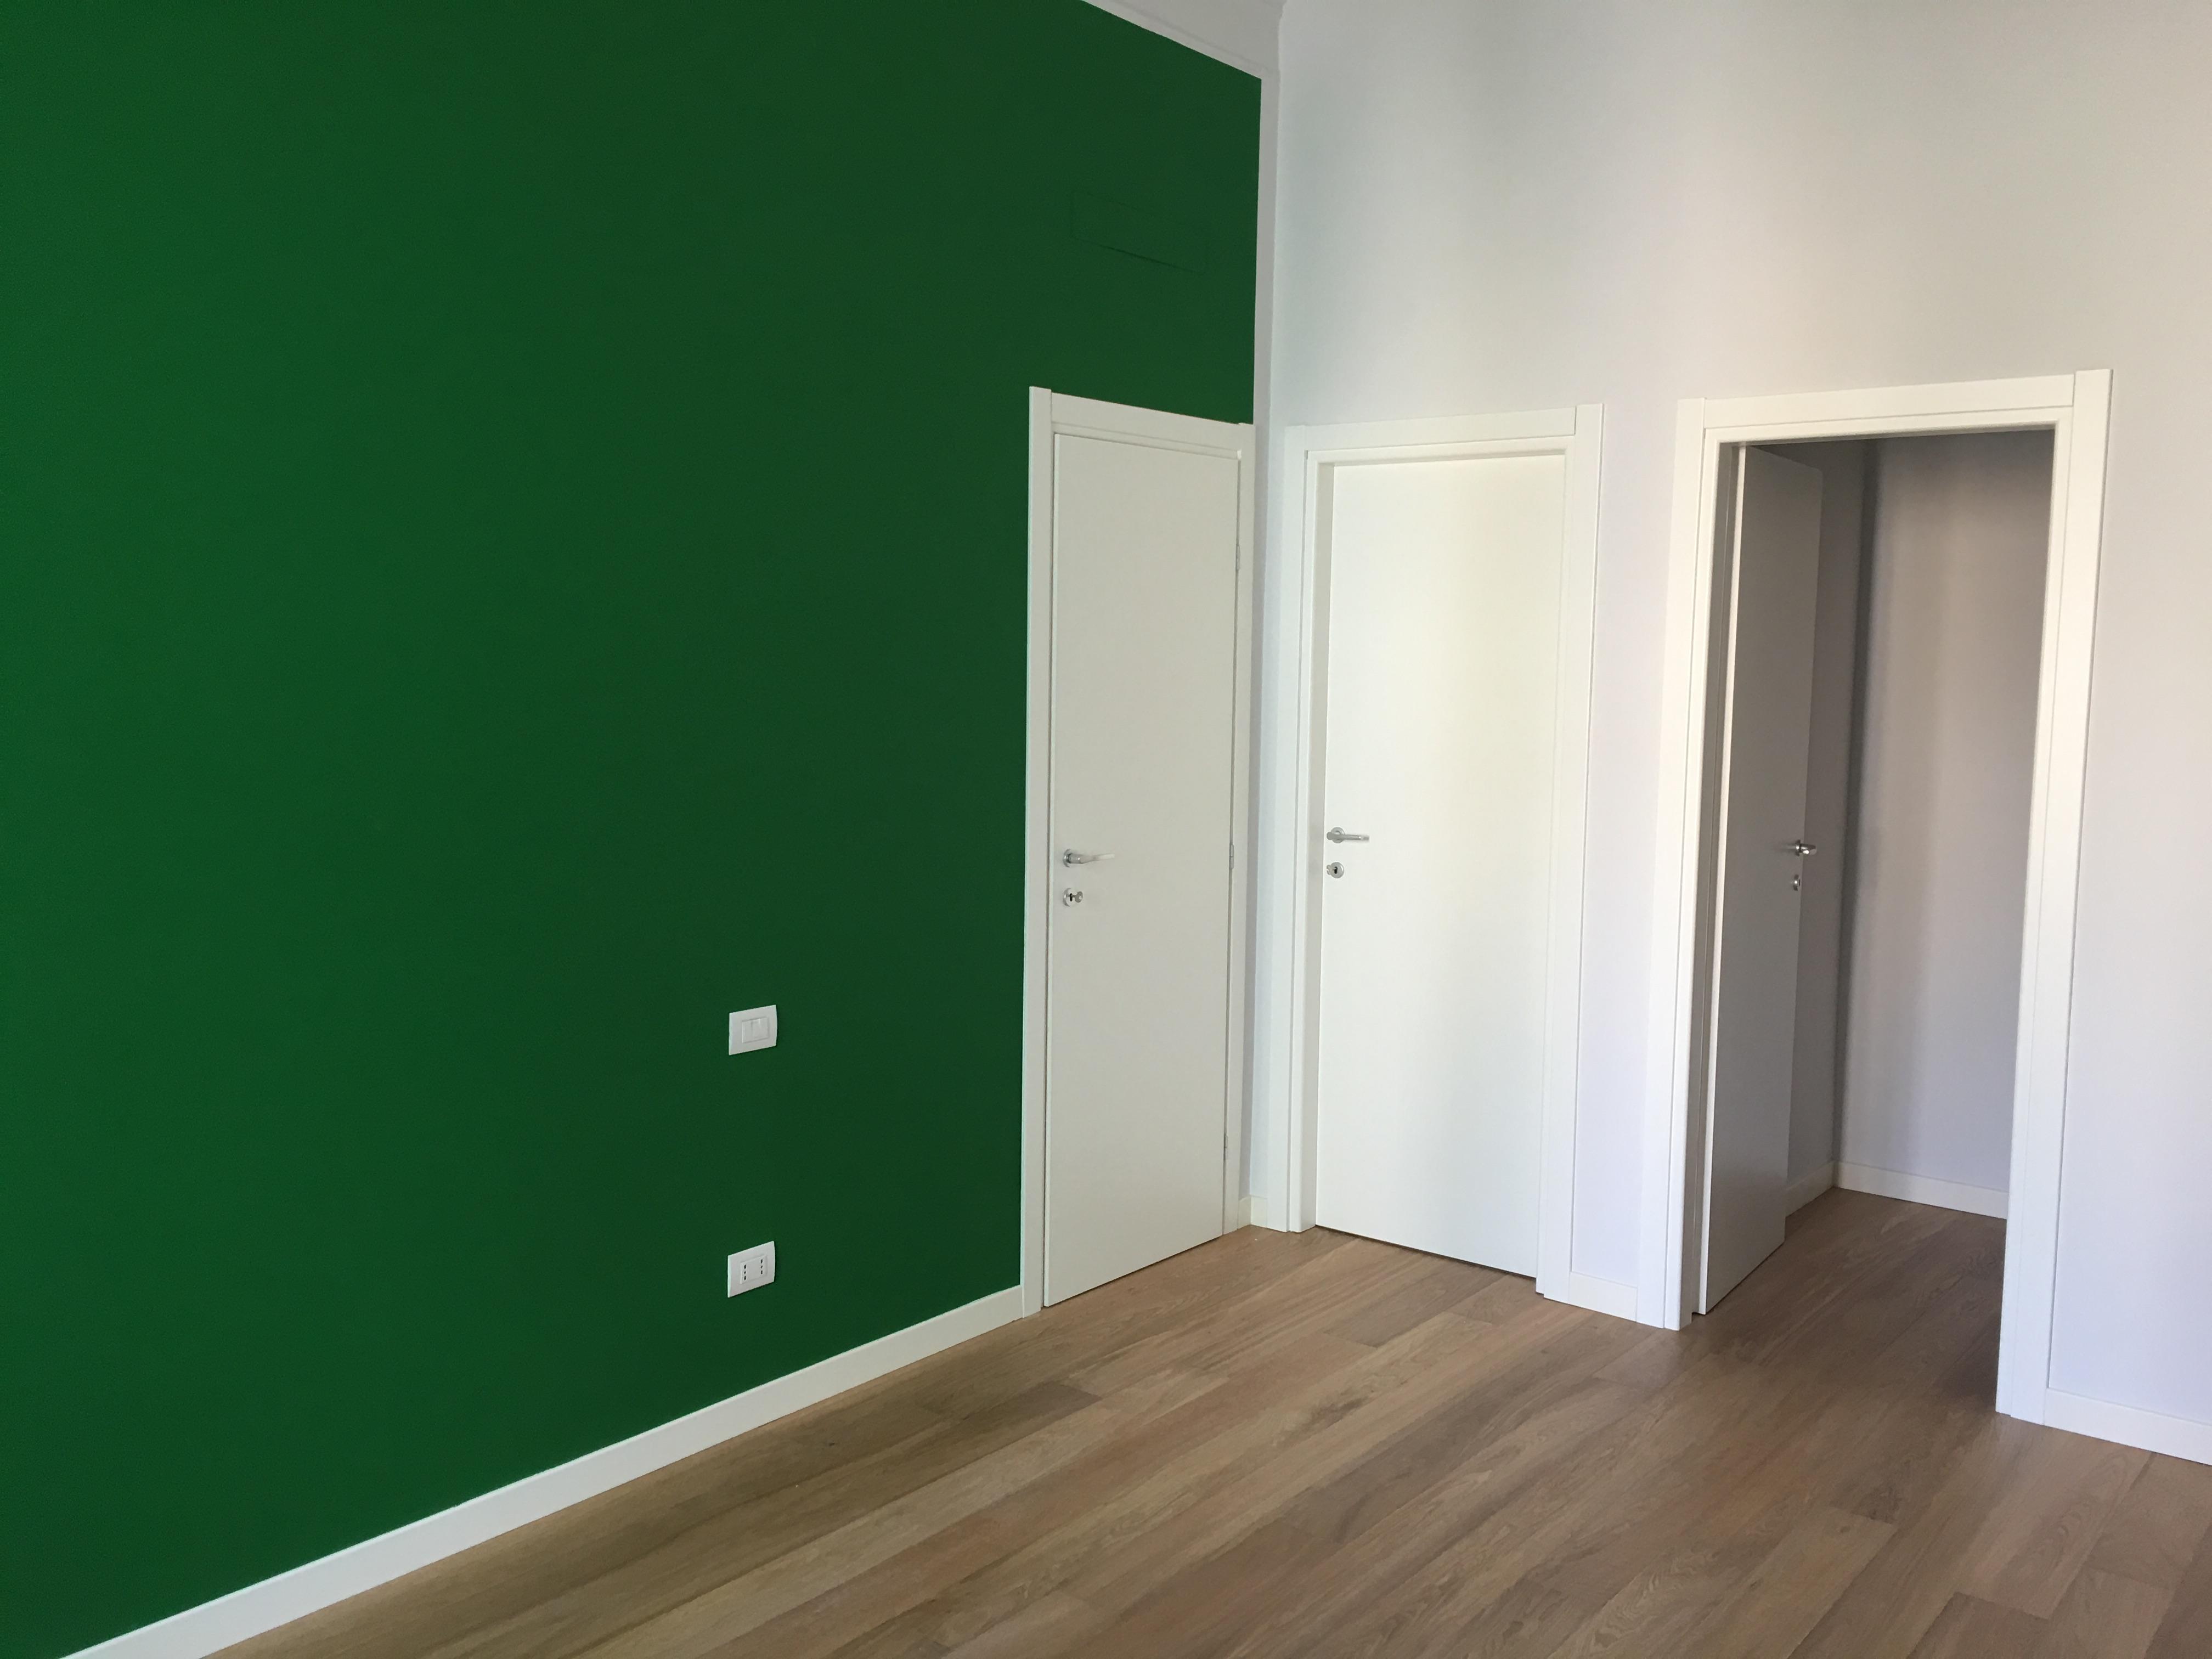 porta vittoria appartamento stupendo ristrutturato milano immobiliare-06.JPG